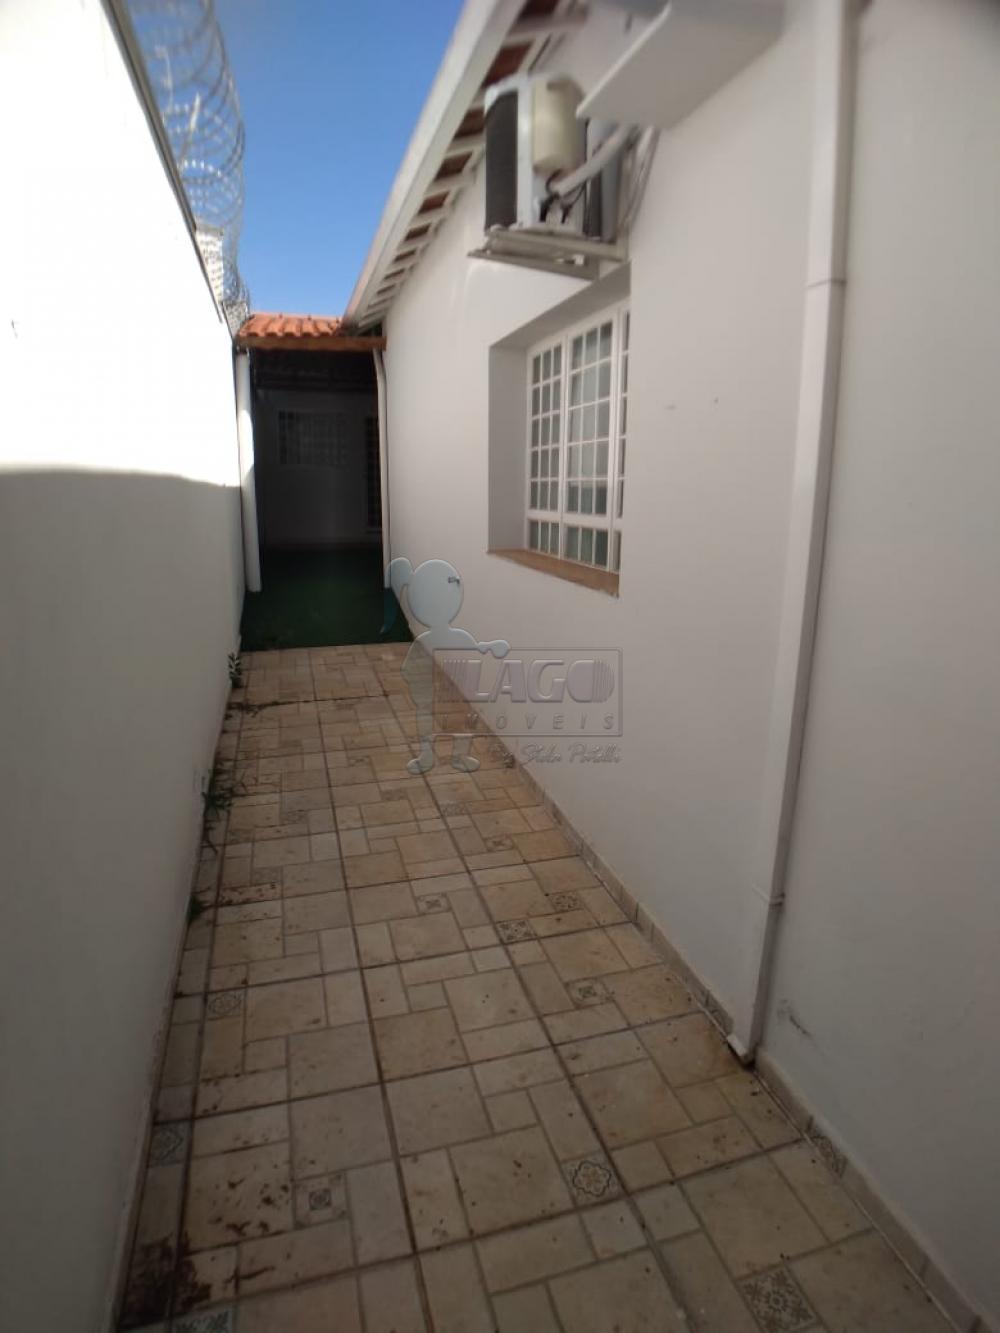 Alugar Comercial / Imóvel Comercial em Ribeirão Preto apenas R$ 3.500,00 - Foto 28